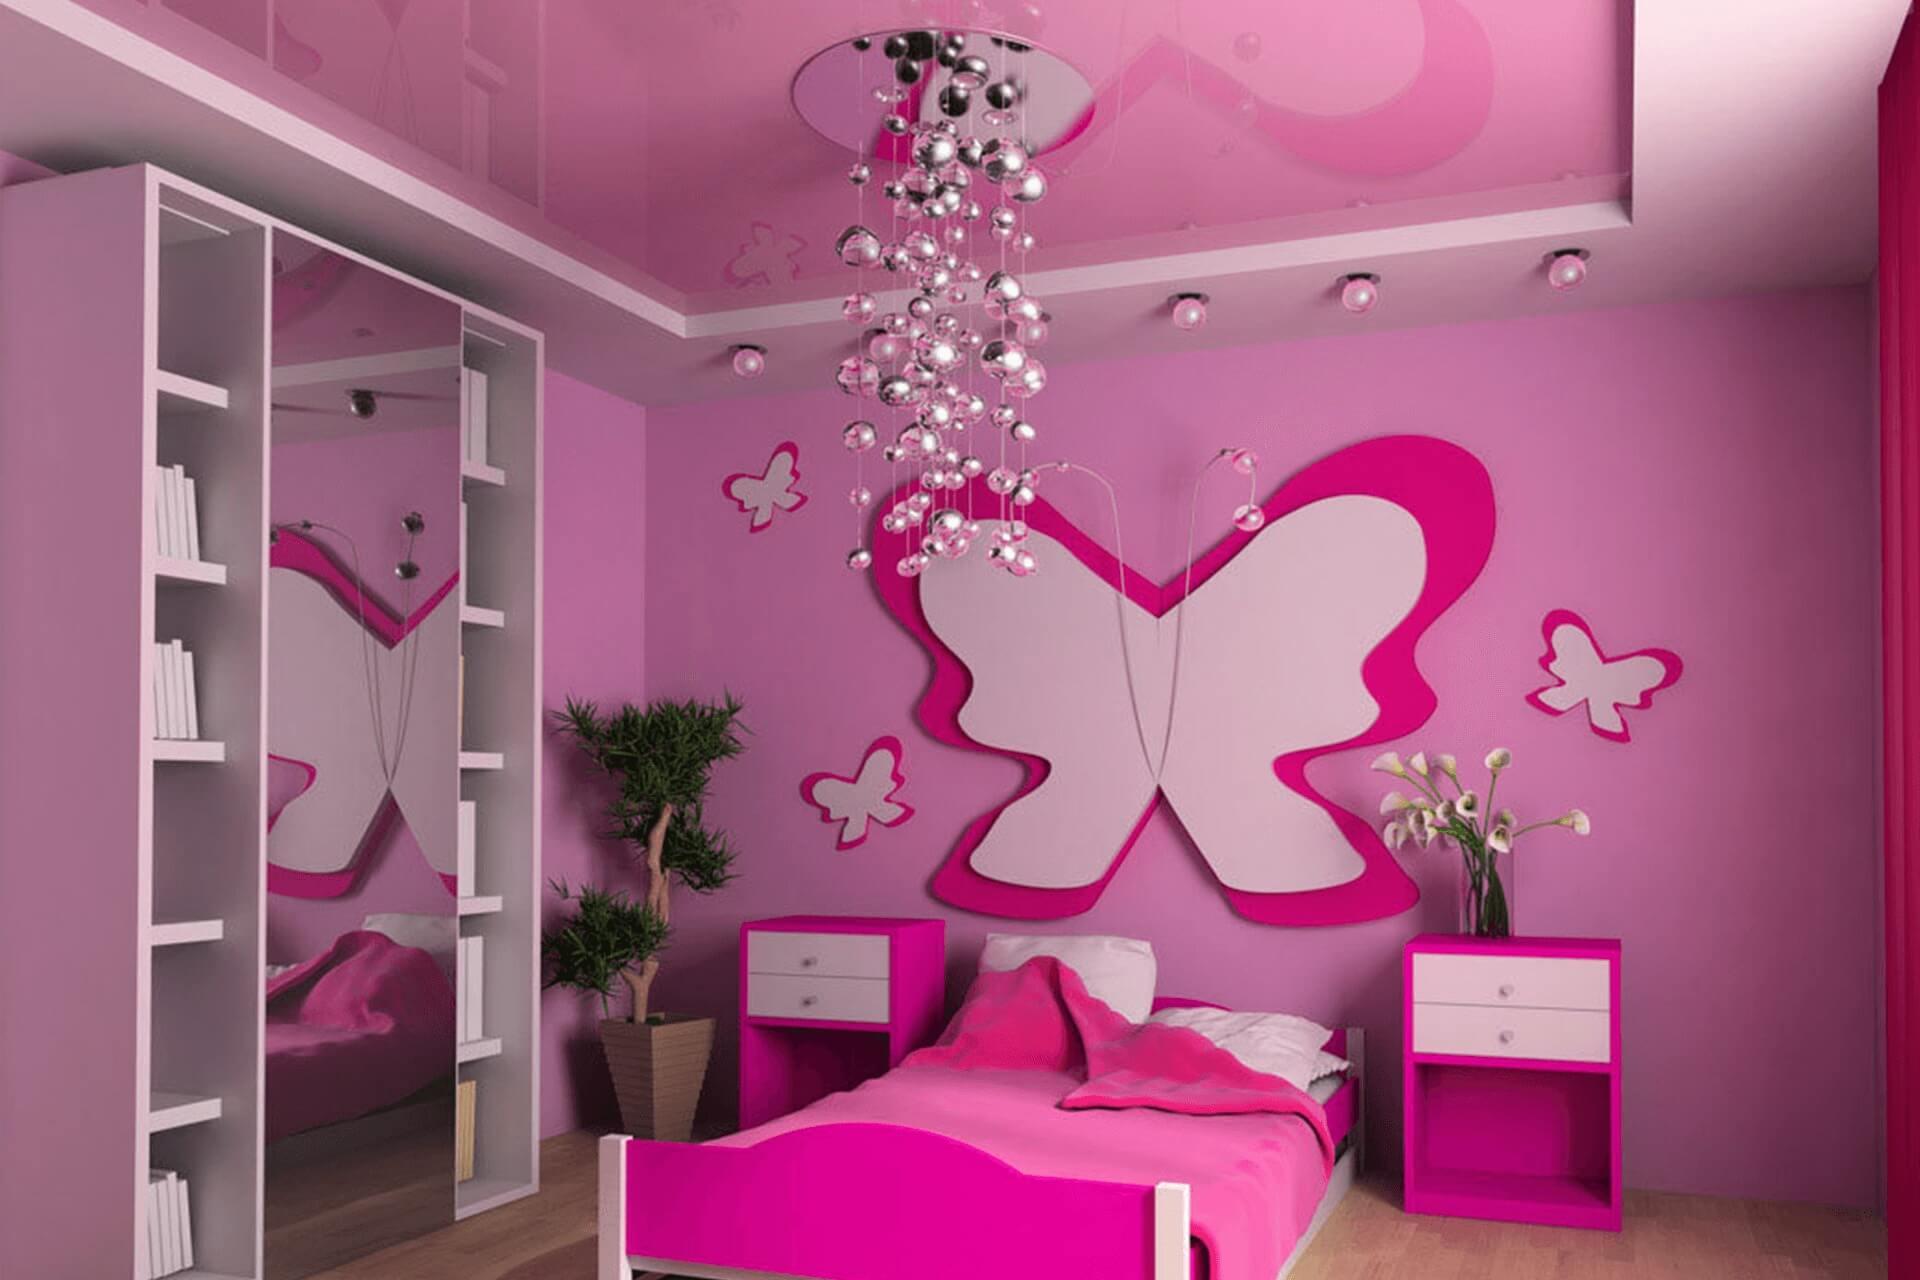 Розовый натяжной потолок в детской. Комната для девочки.